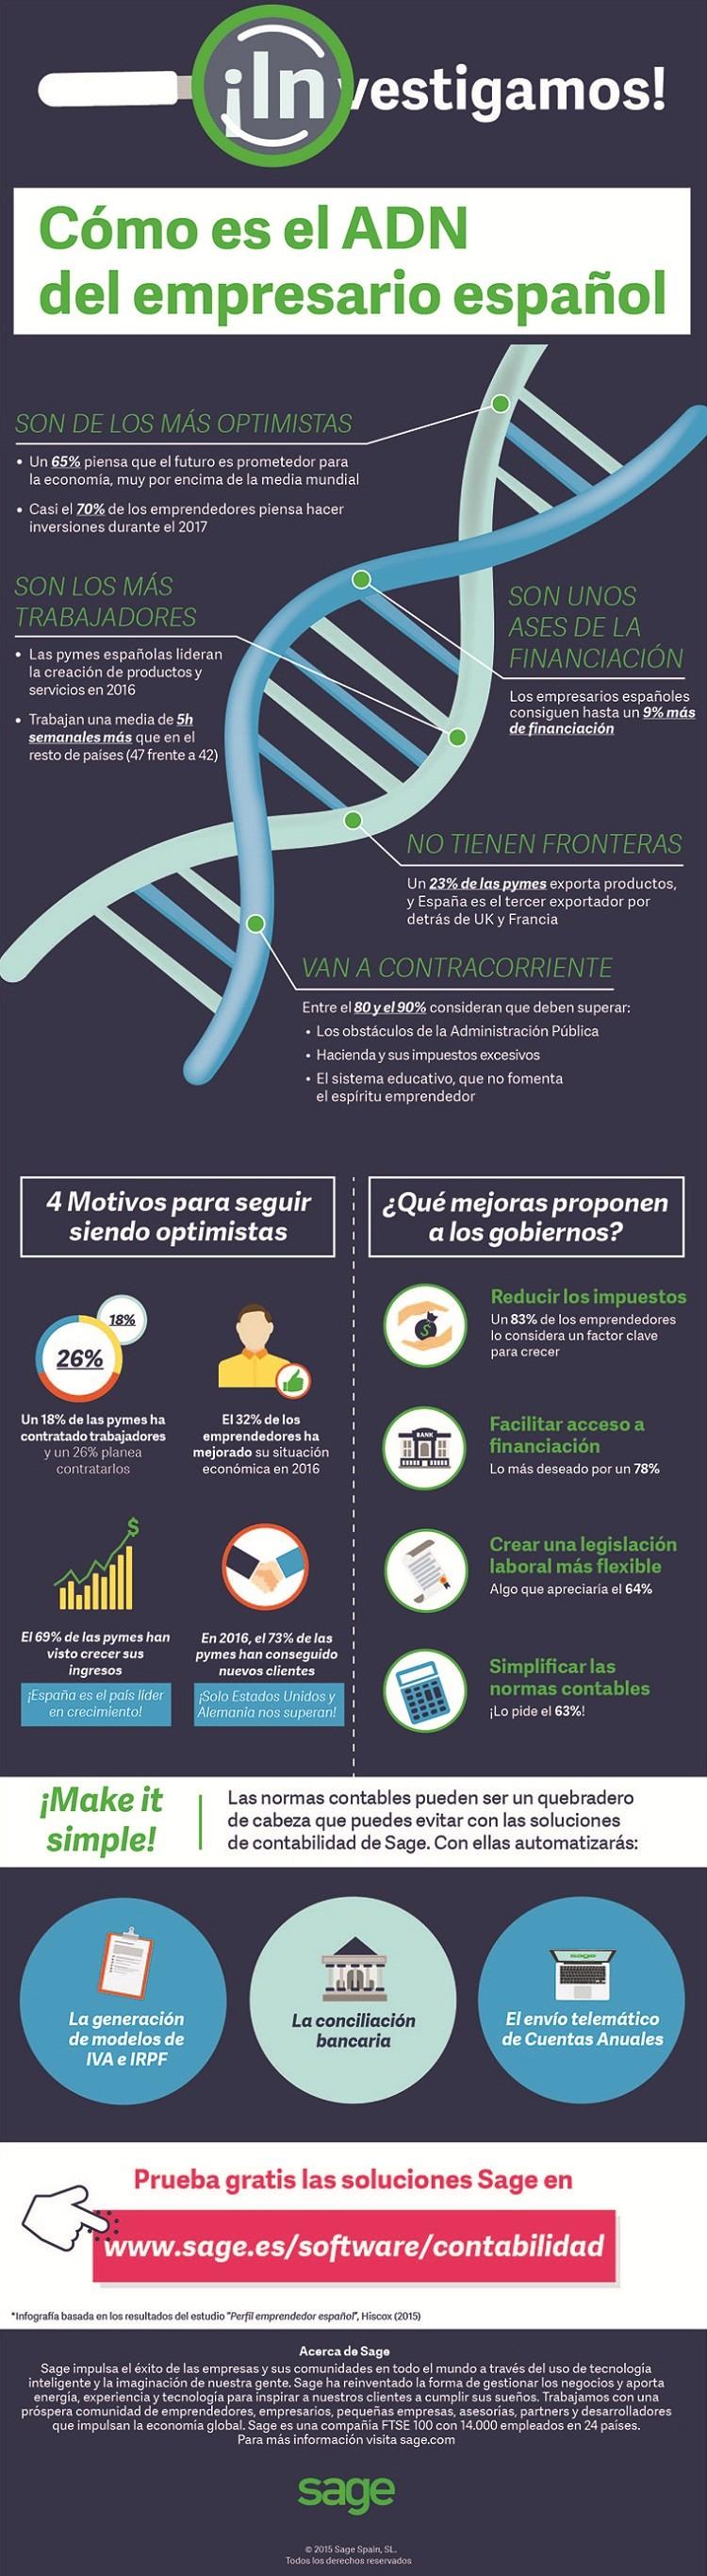 Cómo es el ADN del Empresario Español